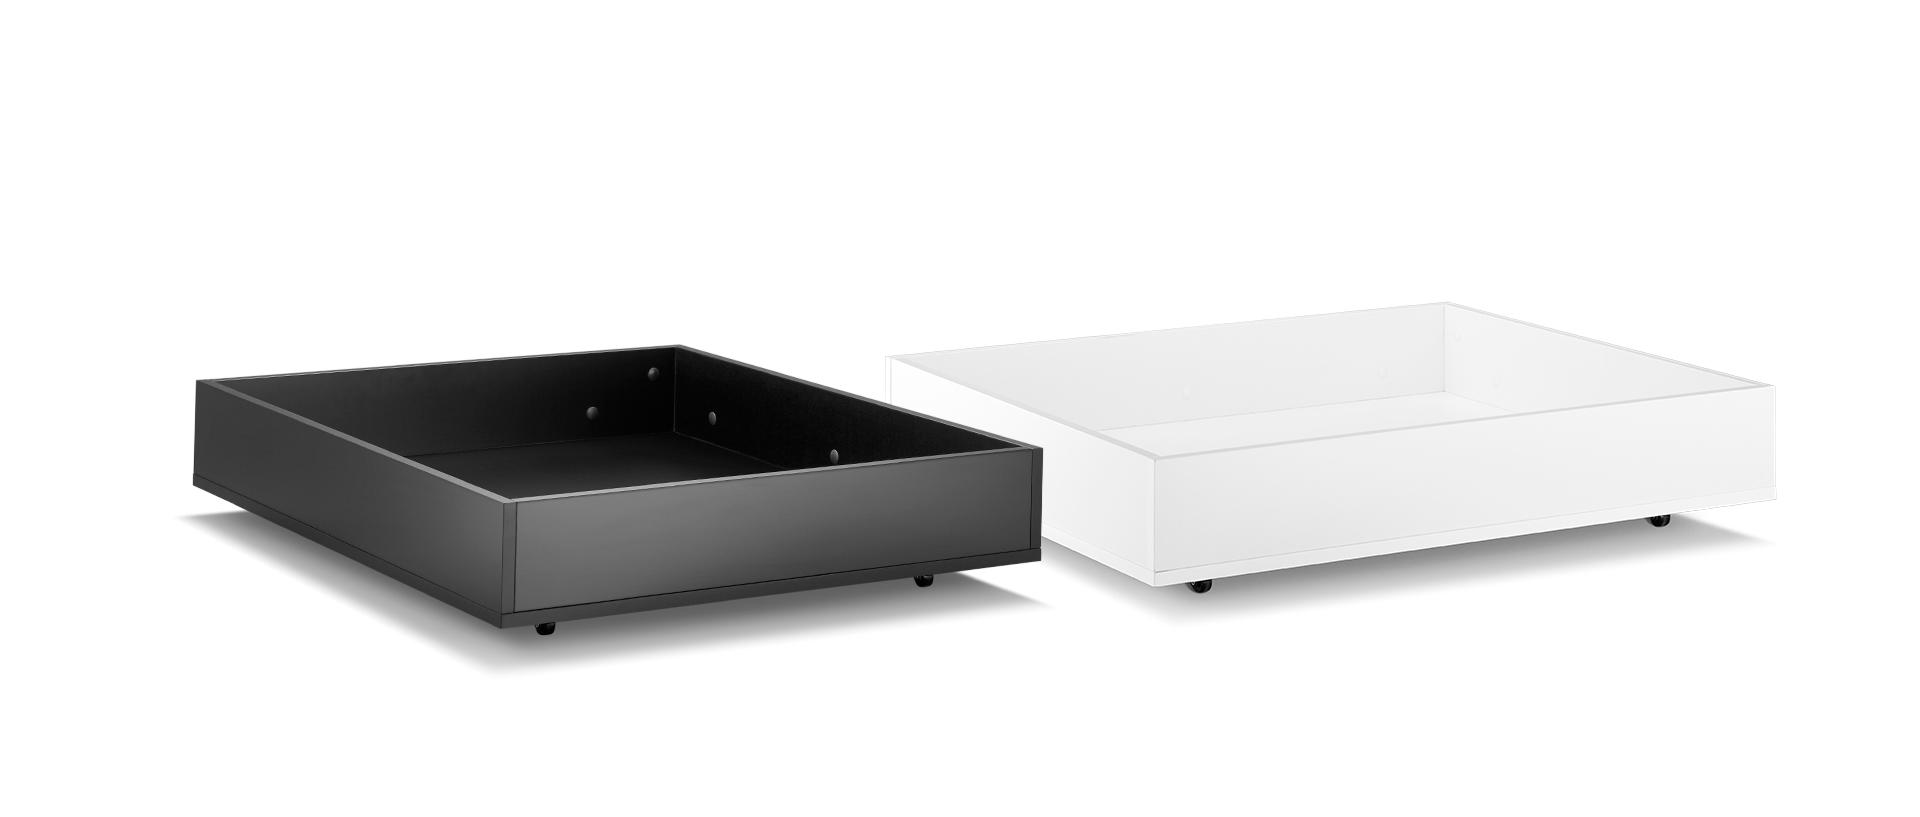 床下配套两色储物盒可选,最大可承重14kg,足以满足日常所需。盒子设有随时可固定的万向轮,按下则静止不滑动,储物更便捷,释放卧室收纳空间。